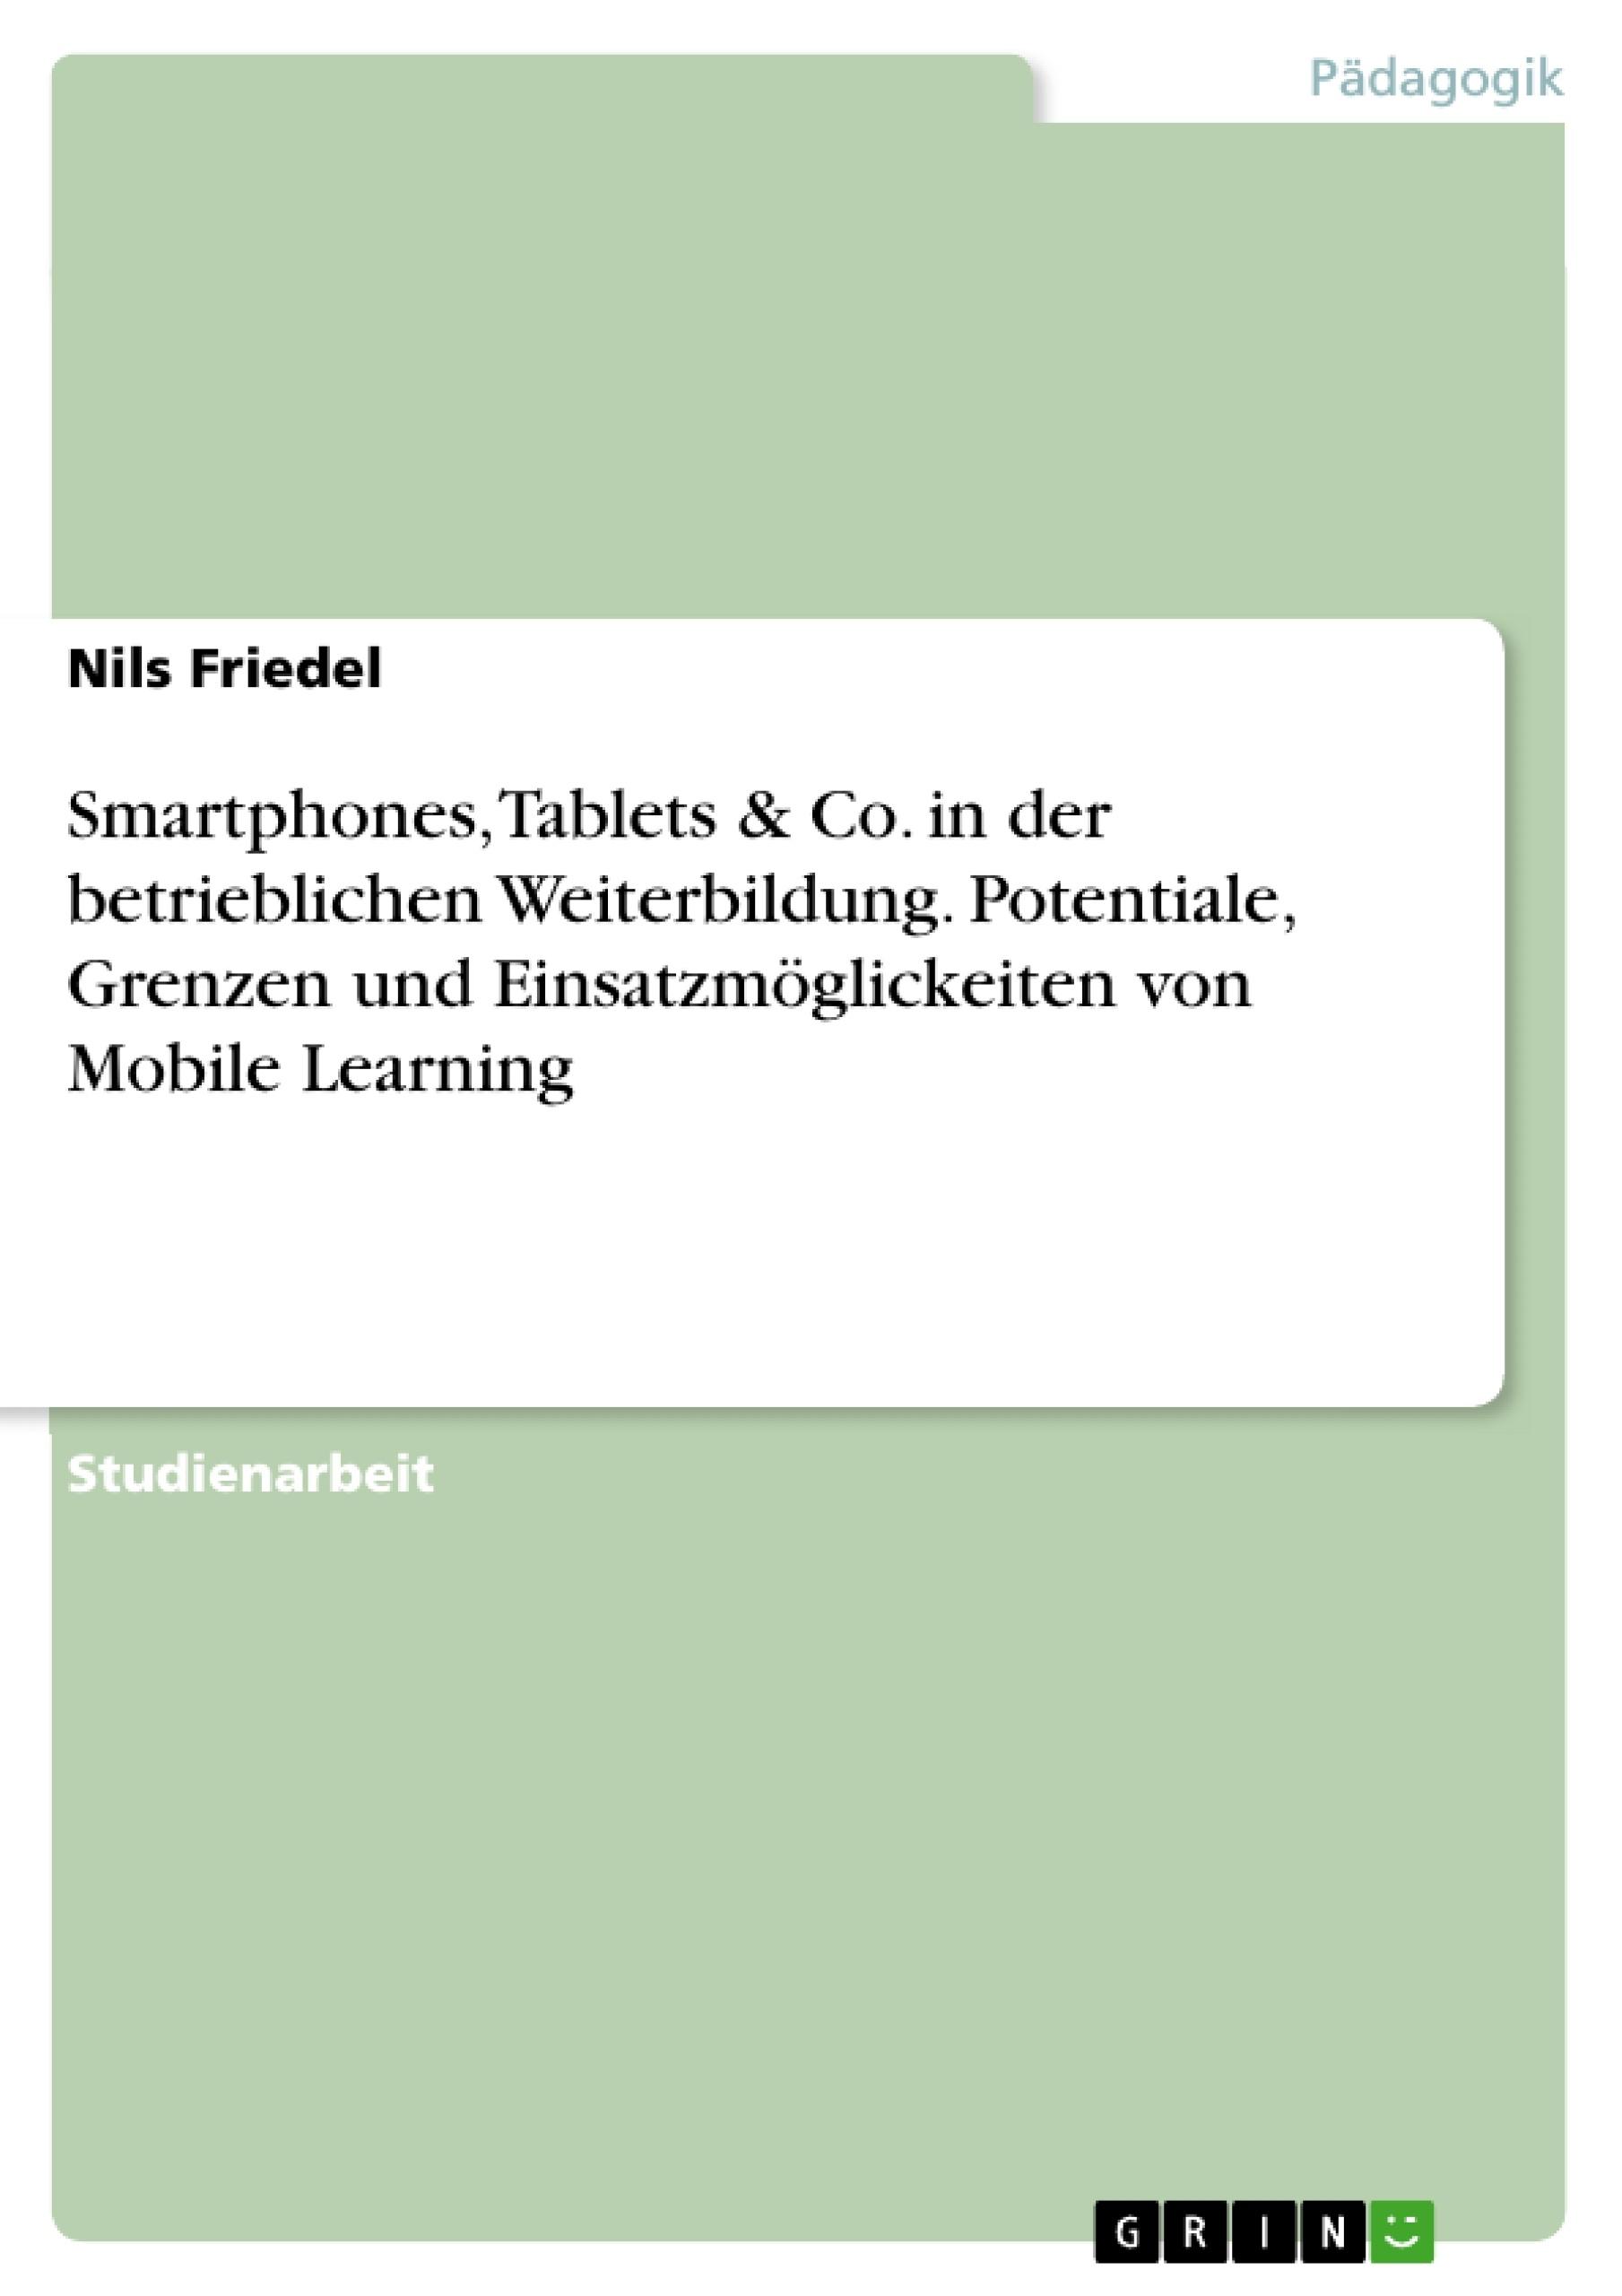 Titel: Smartphones, Tablets & Co. in der betrieblichen Weiterbildung. Potentiale, Grenzen und Einsatzmöglickeiten von Mobile Learning